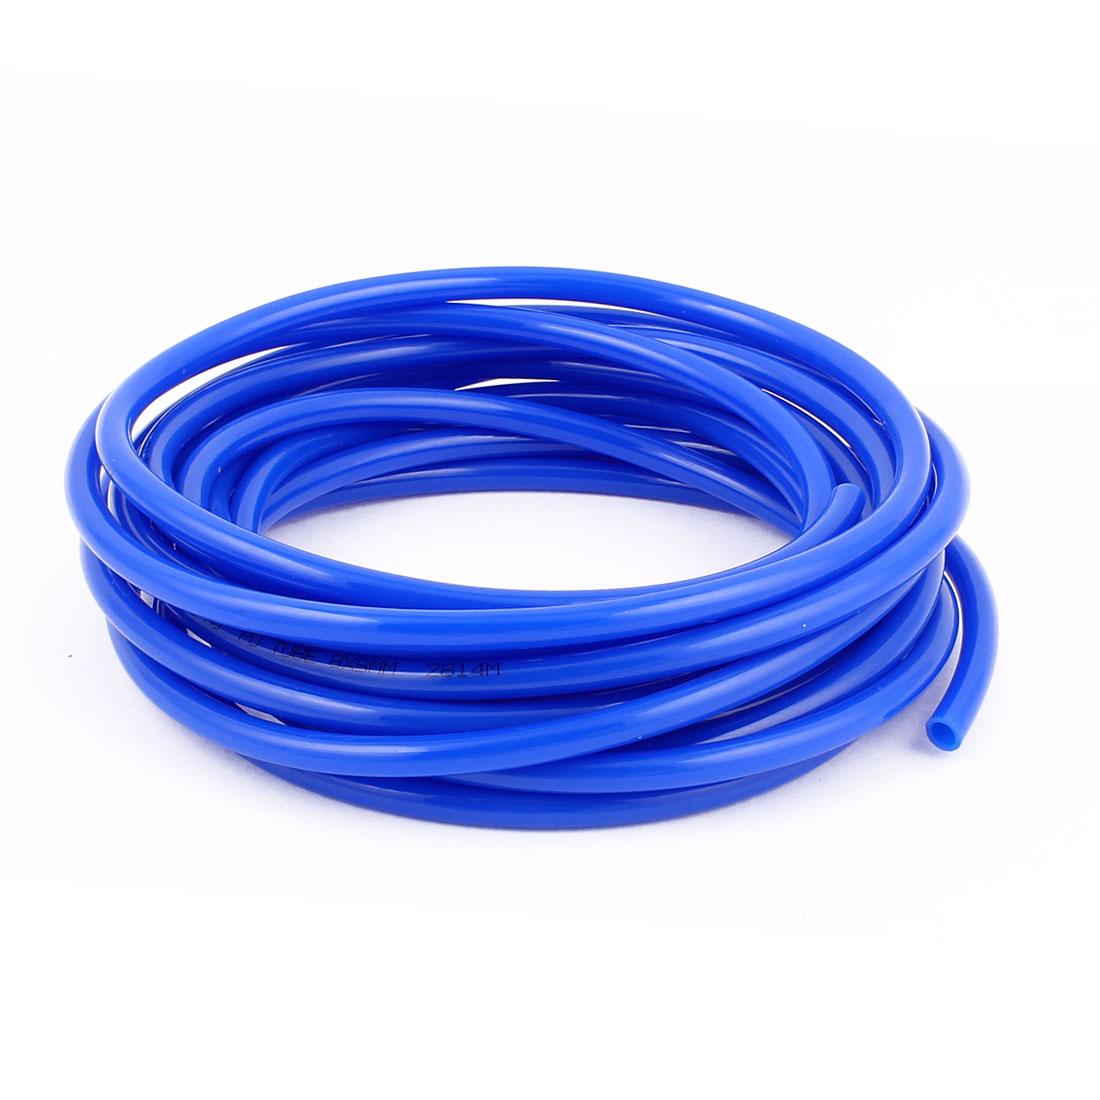 6.8m 8*5MM Polyurethane Tube PU Air Compressor Hose Pneumatics Plastic Blue